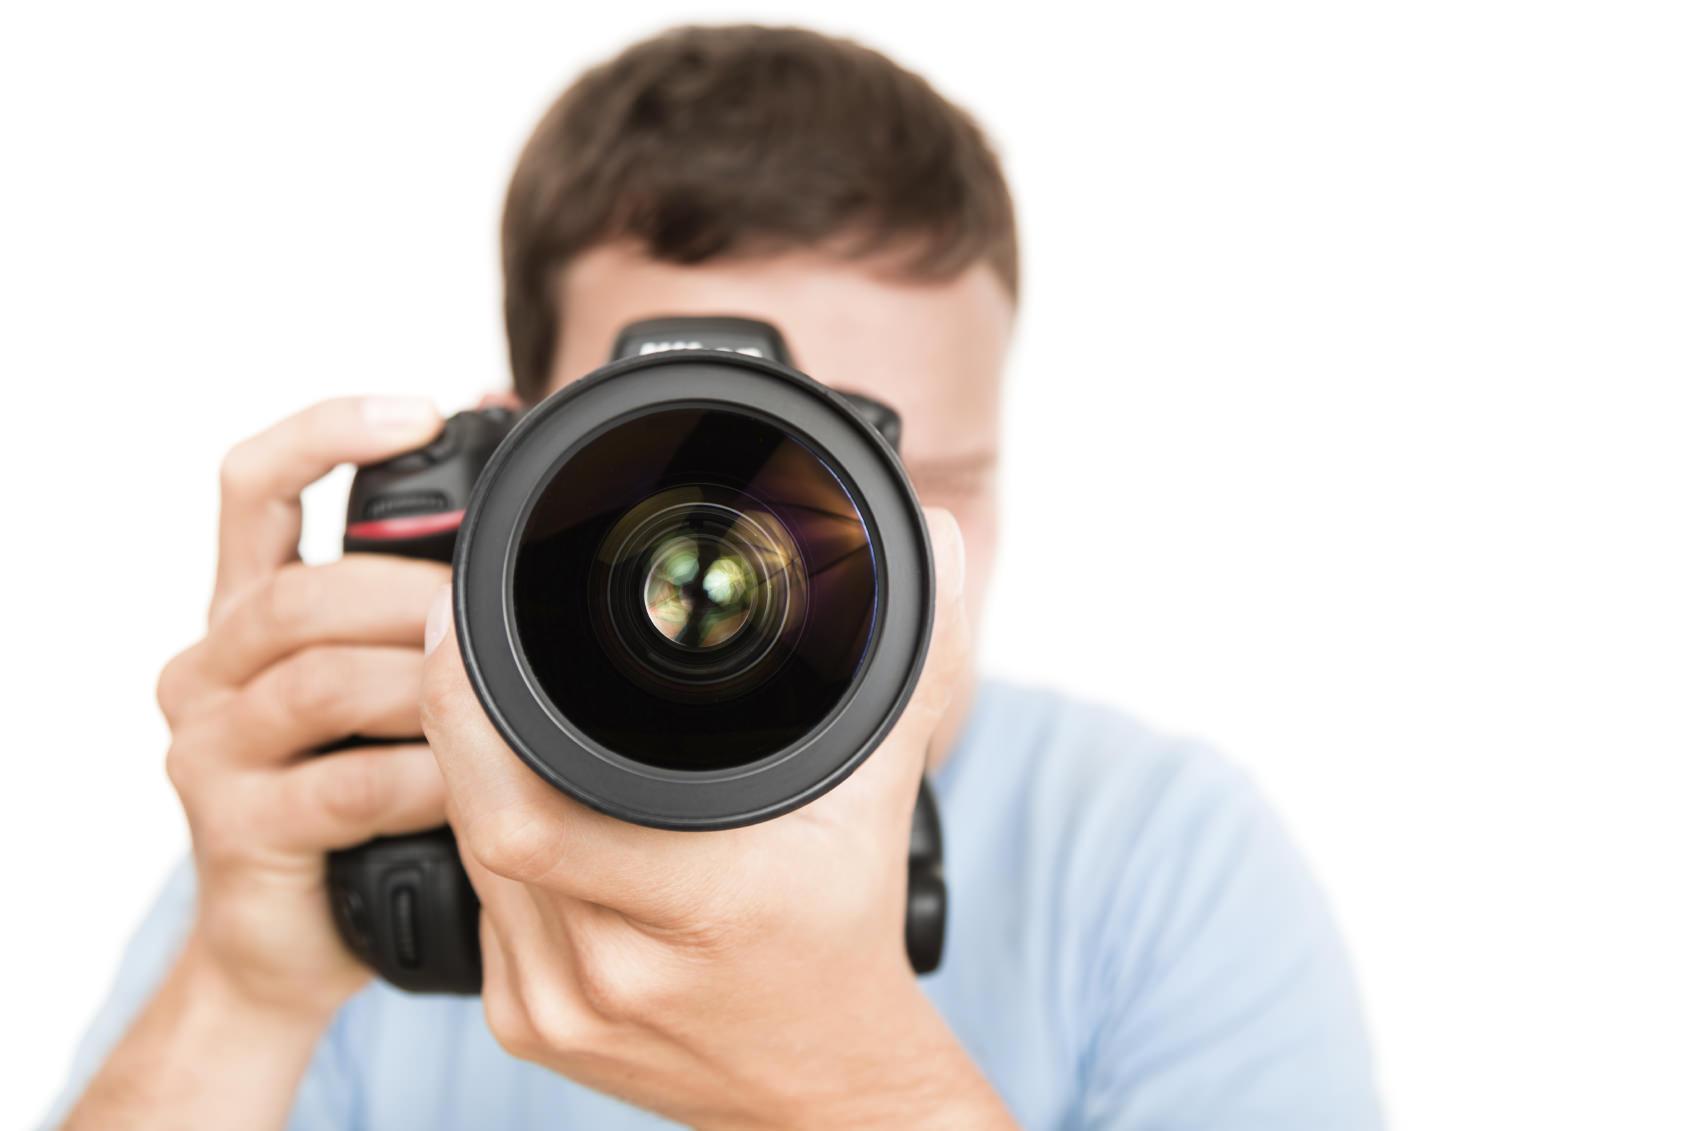 Nikon D300 image